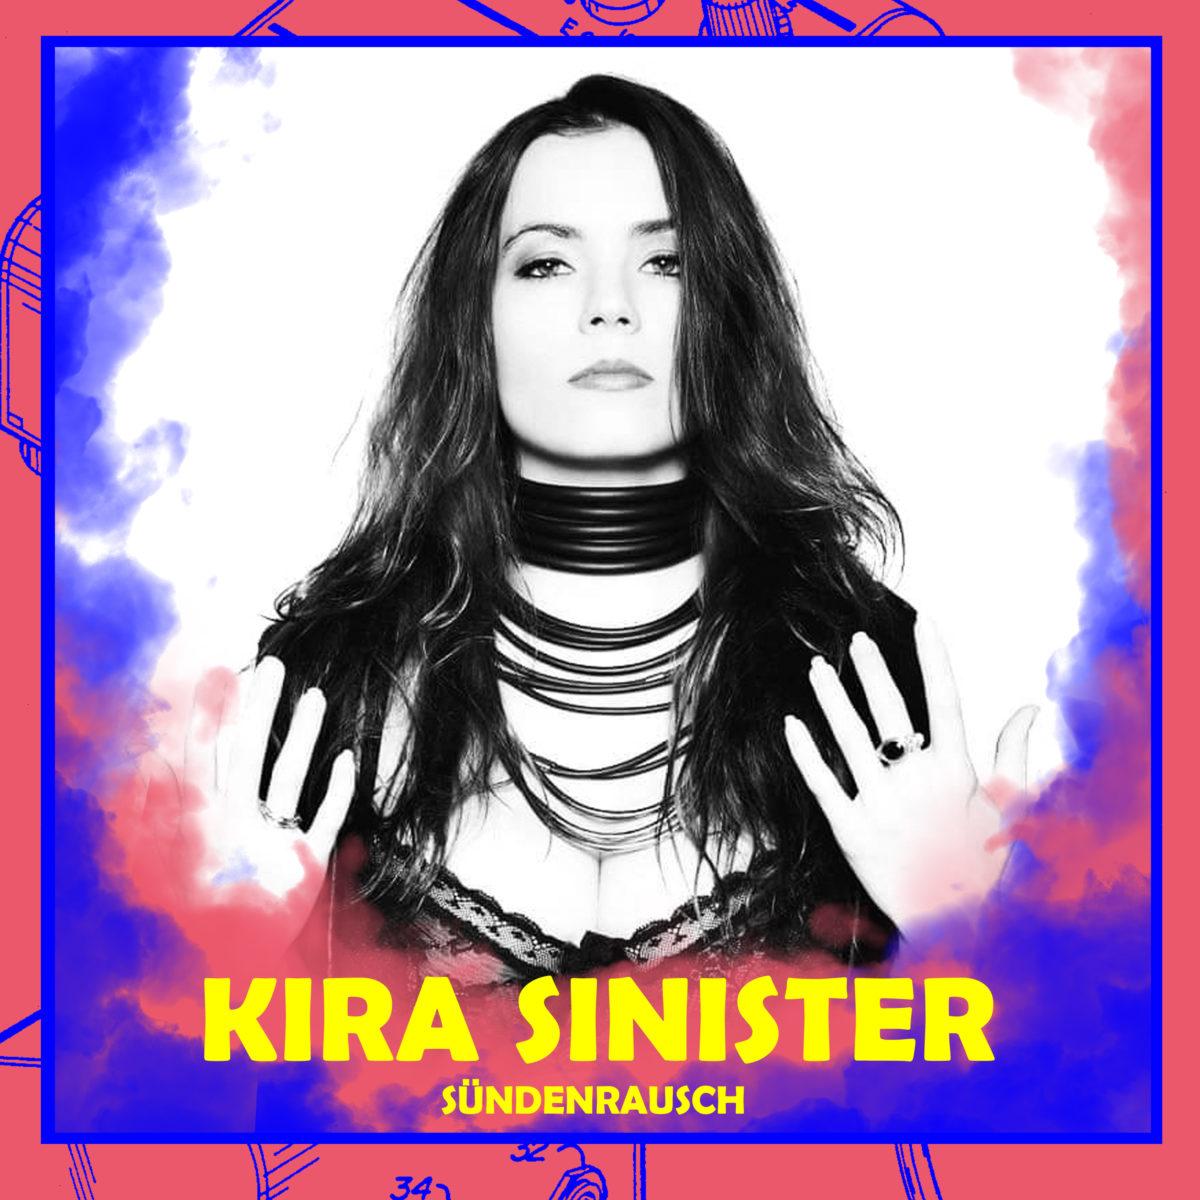 Kira (Sündenrausch)